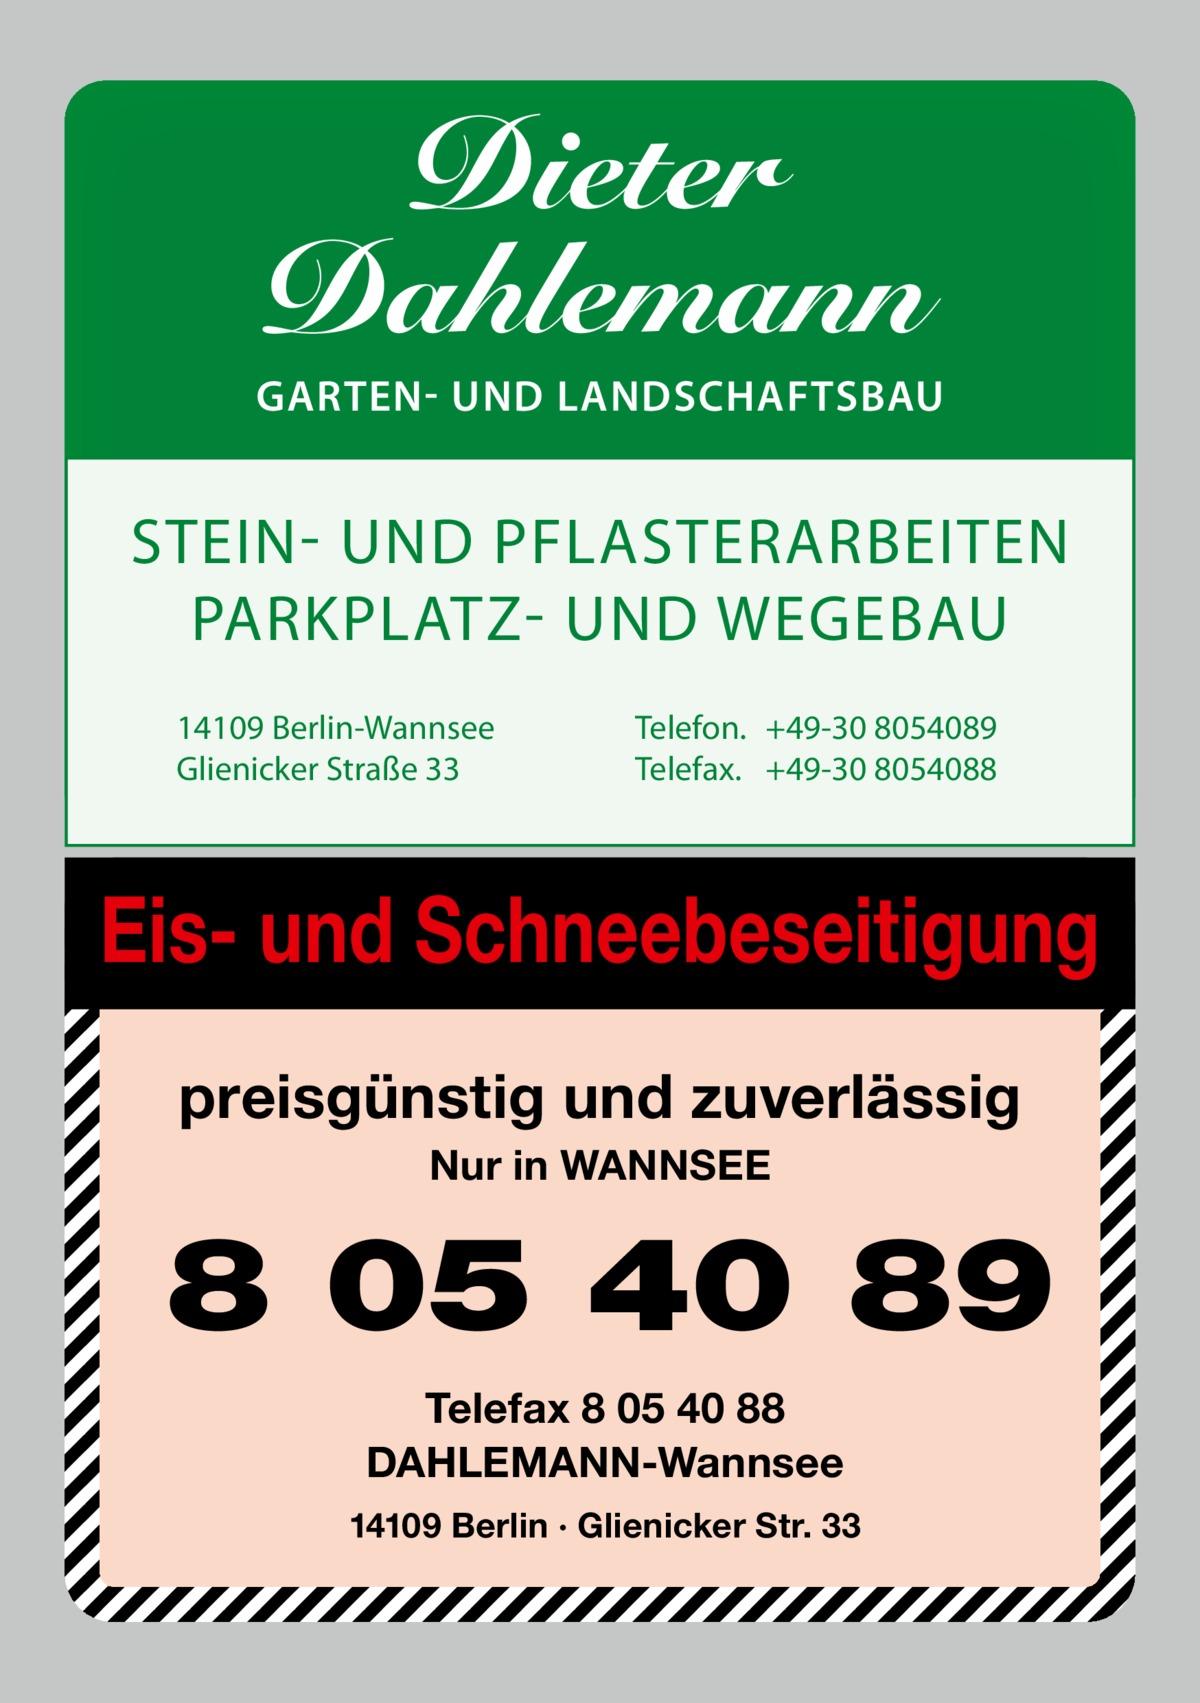 Dieter Dahlemann  GARTEN- UND LANDSCHAFTSBAU  STEIN UND PFLASTERARBEITEN PARKPLATZ UND WEGEBAU 14109 Berlin-Wannsee Glienicker Straße 33  Telefon. +49-30 8054089 Telefax. +49-30 8054088  Eis- und Schneebeseitigung preisgünstig und zuverlässig Nur in WANNSEE  8 05 40 89 Telefax 8 05 40 88 DAHLEMANN-Wannsee 14109 Berlin · Glienicker Str. 33